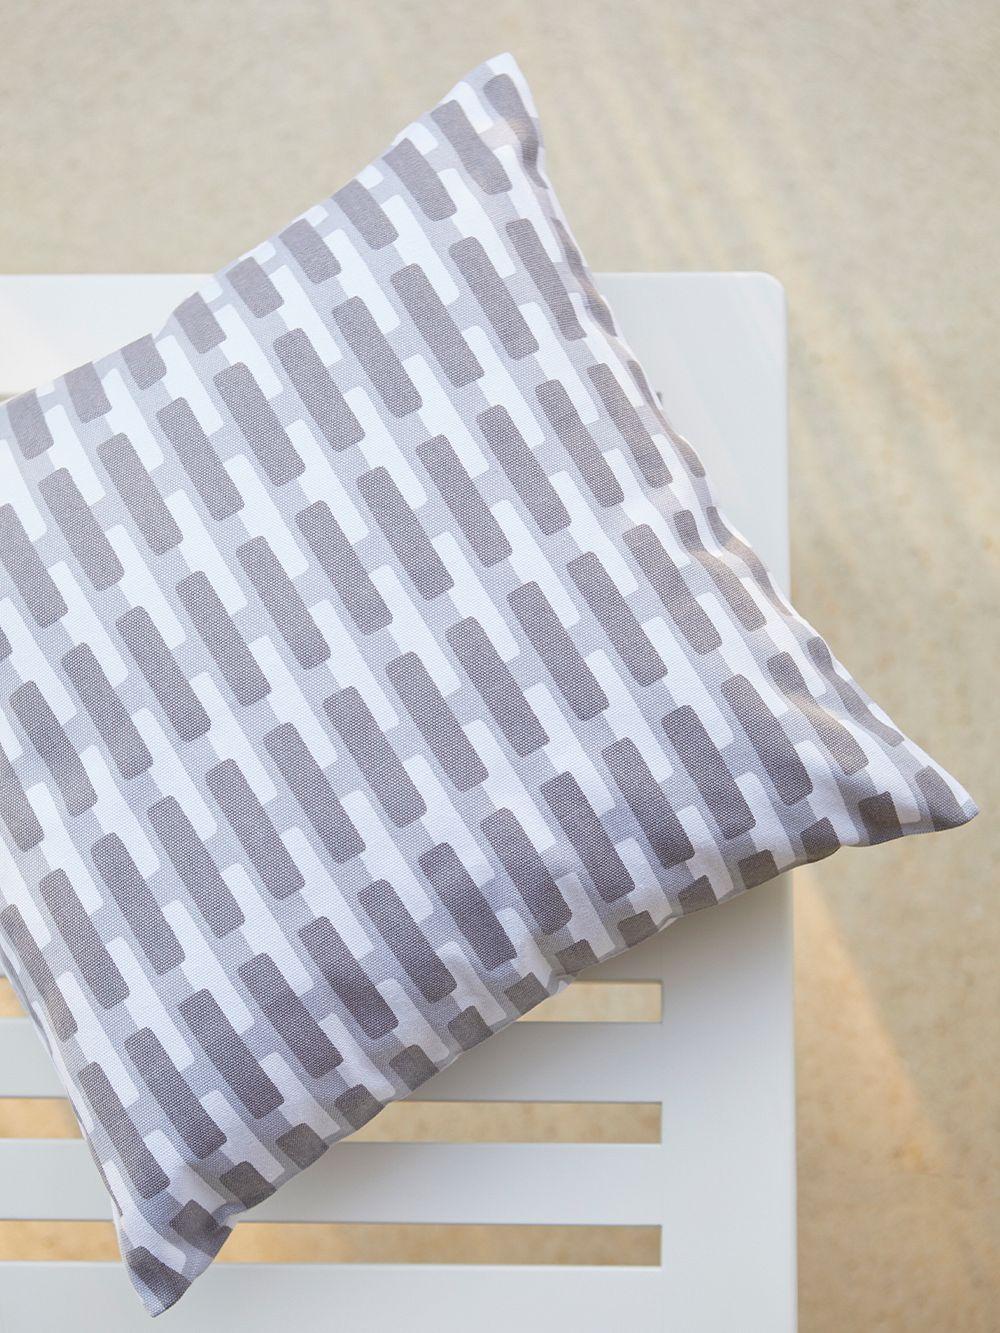 Artek Siena cushion cover